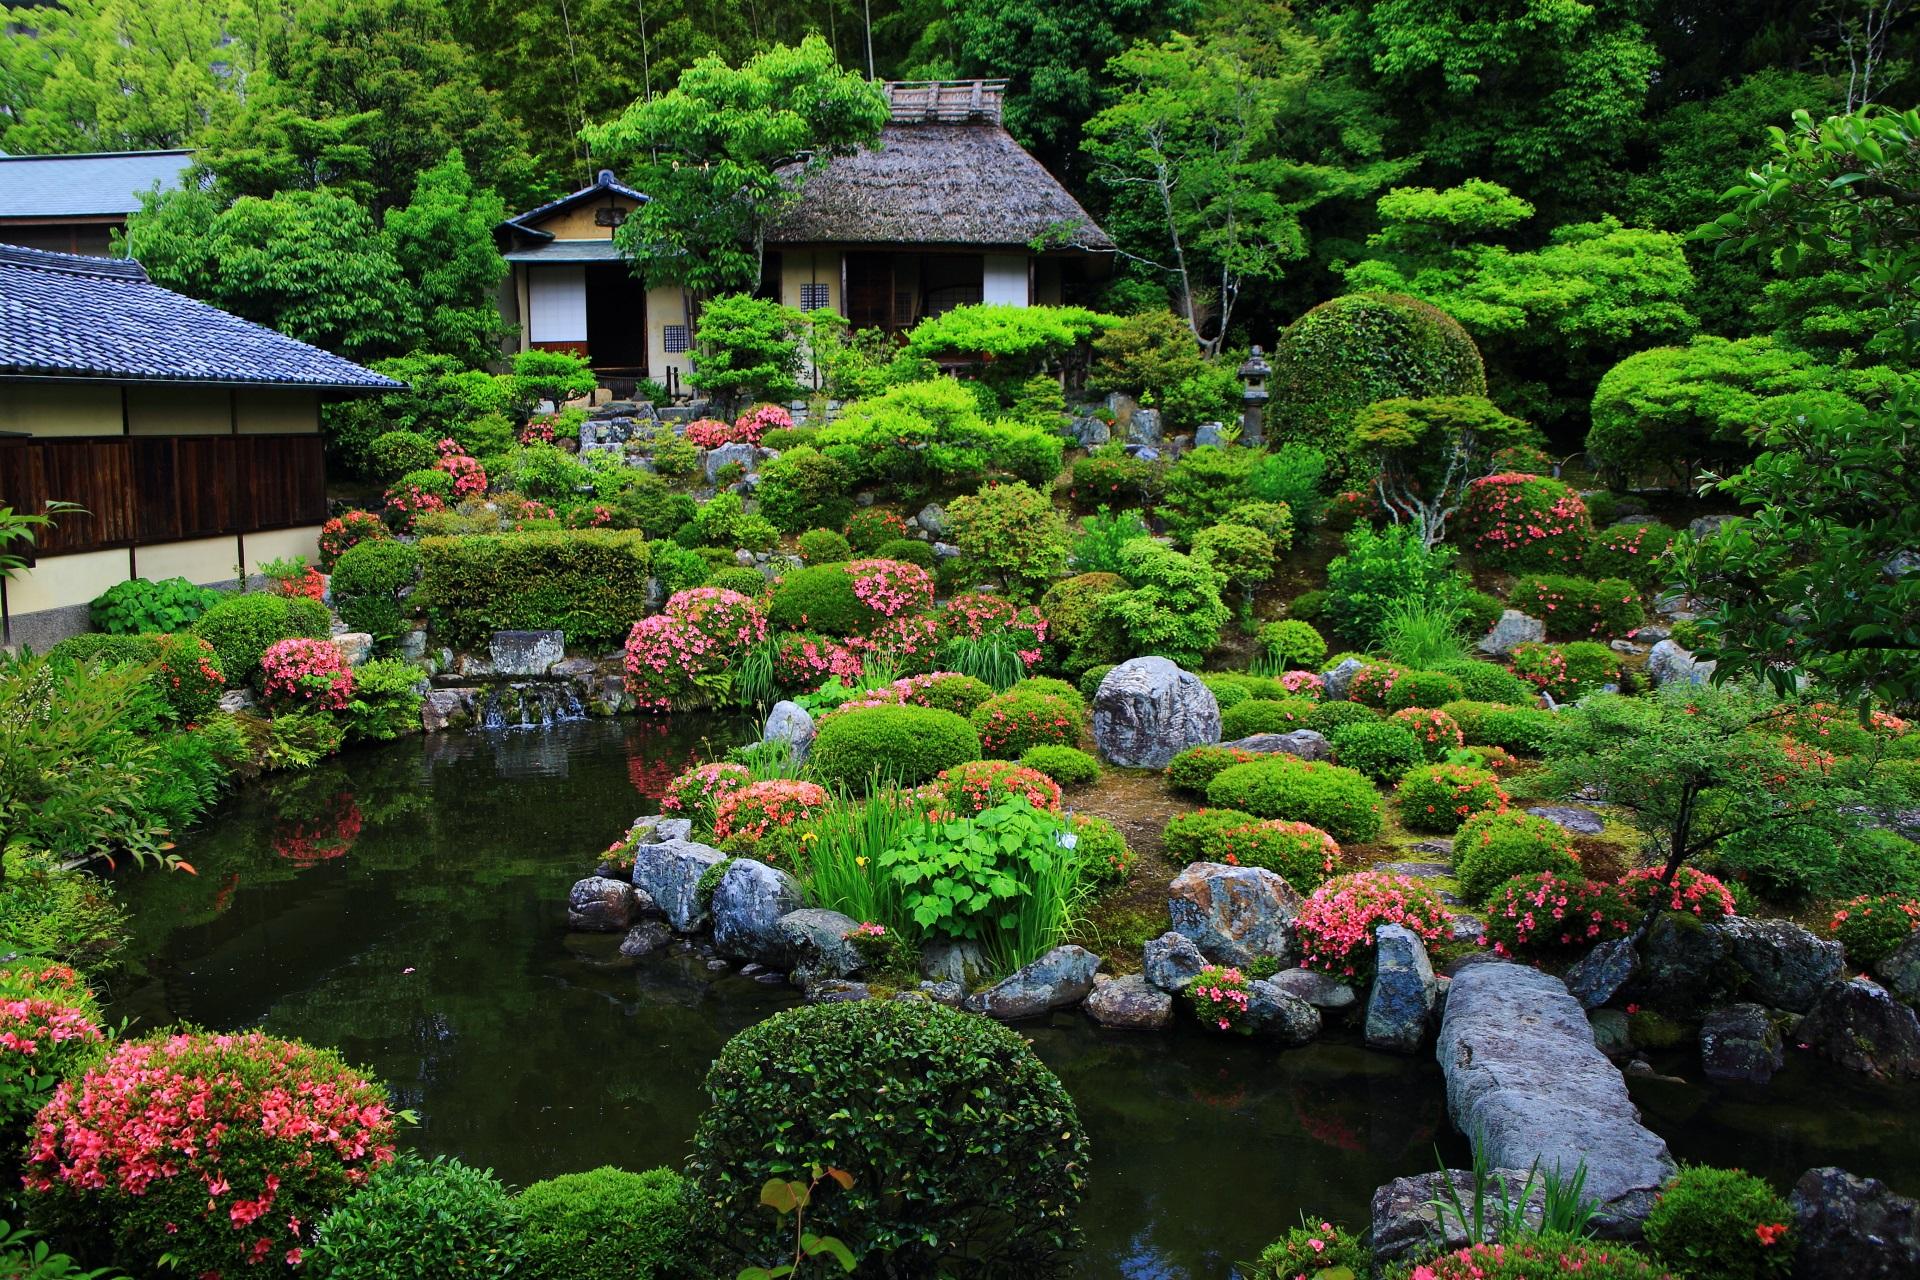 方丈側から眺めたサツキが見ごろの芙蓉池(ふようち)